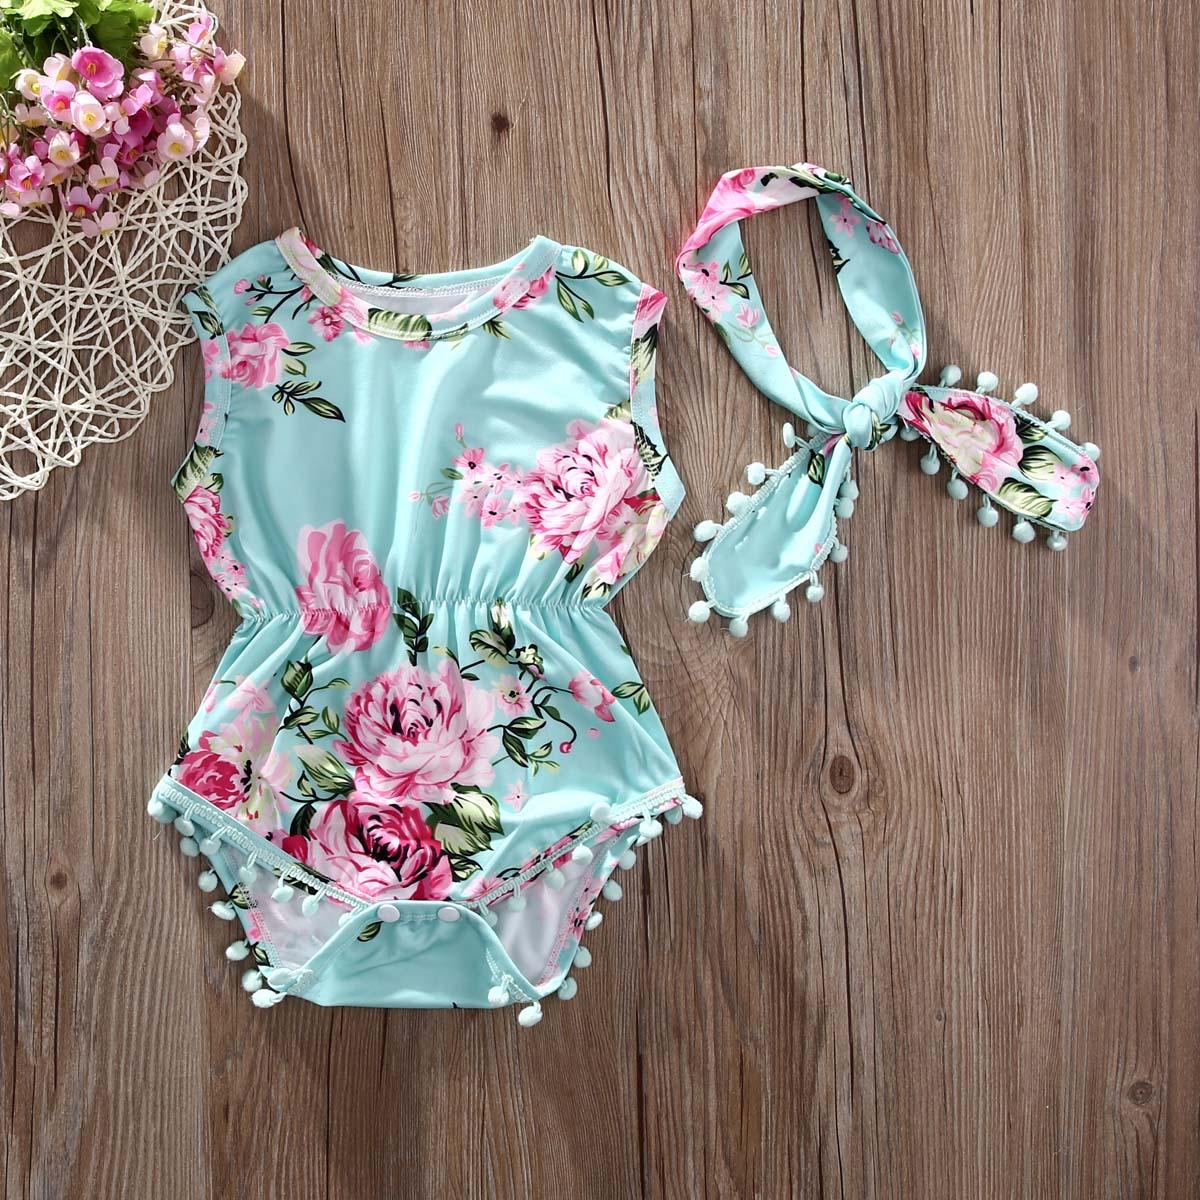 Sleeveless Floral Tassle Bodysuit For Baby Girls